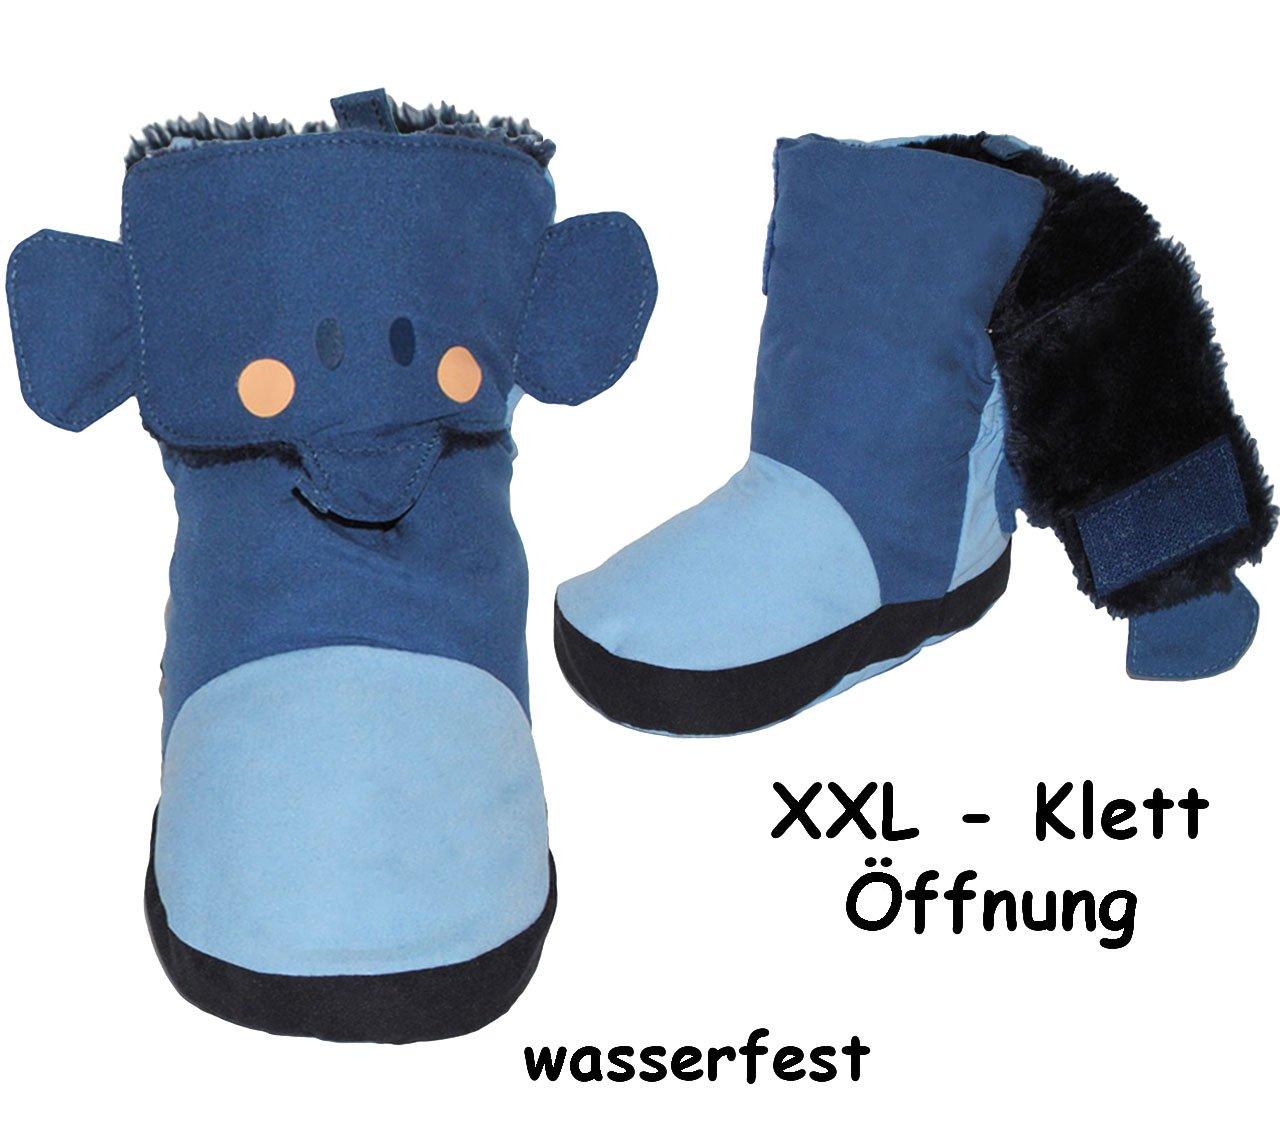 Fleece gef/üttert /Überziehschuhe // Lauflernschuhe Elefant Name alles-meine.de GmbH Thermo incl 17-18 Gr/ö/ße: 3 bis 6 Monate // Gr mit langem Schaft /& Klet.. blau